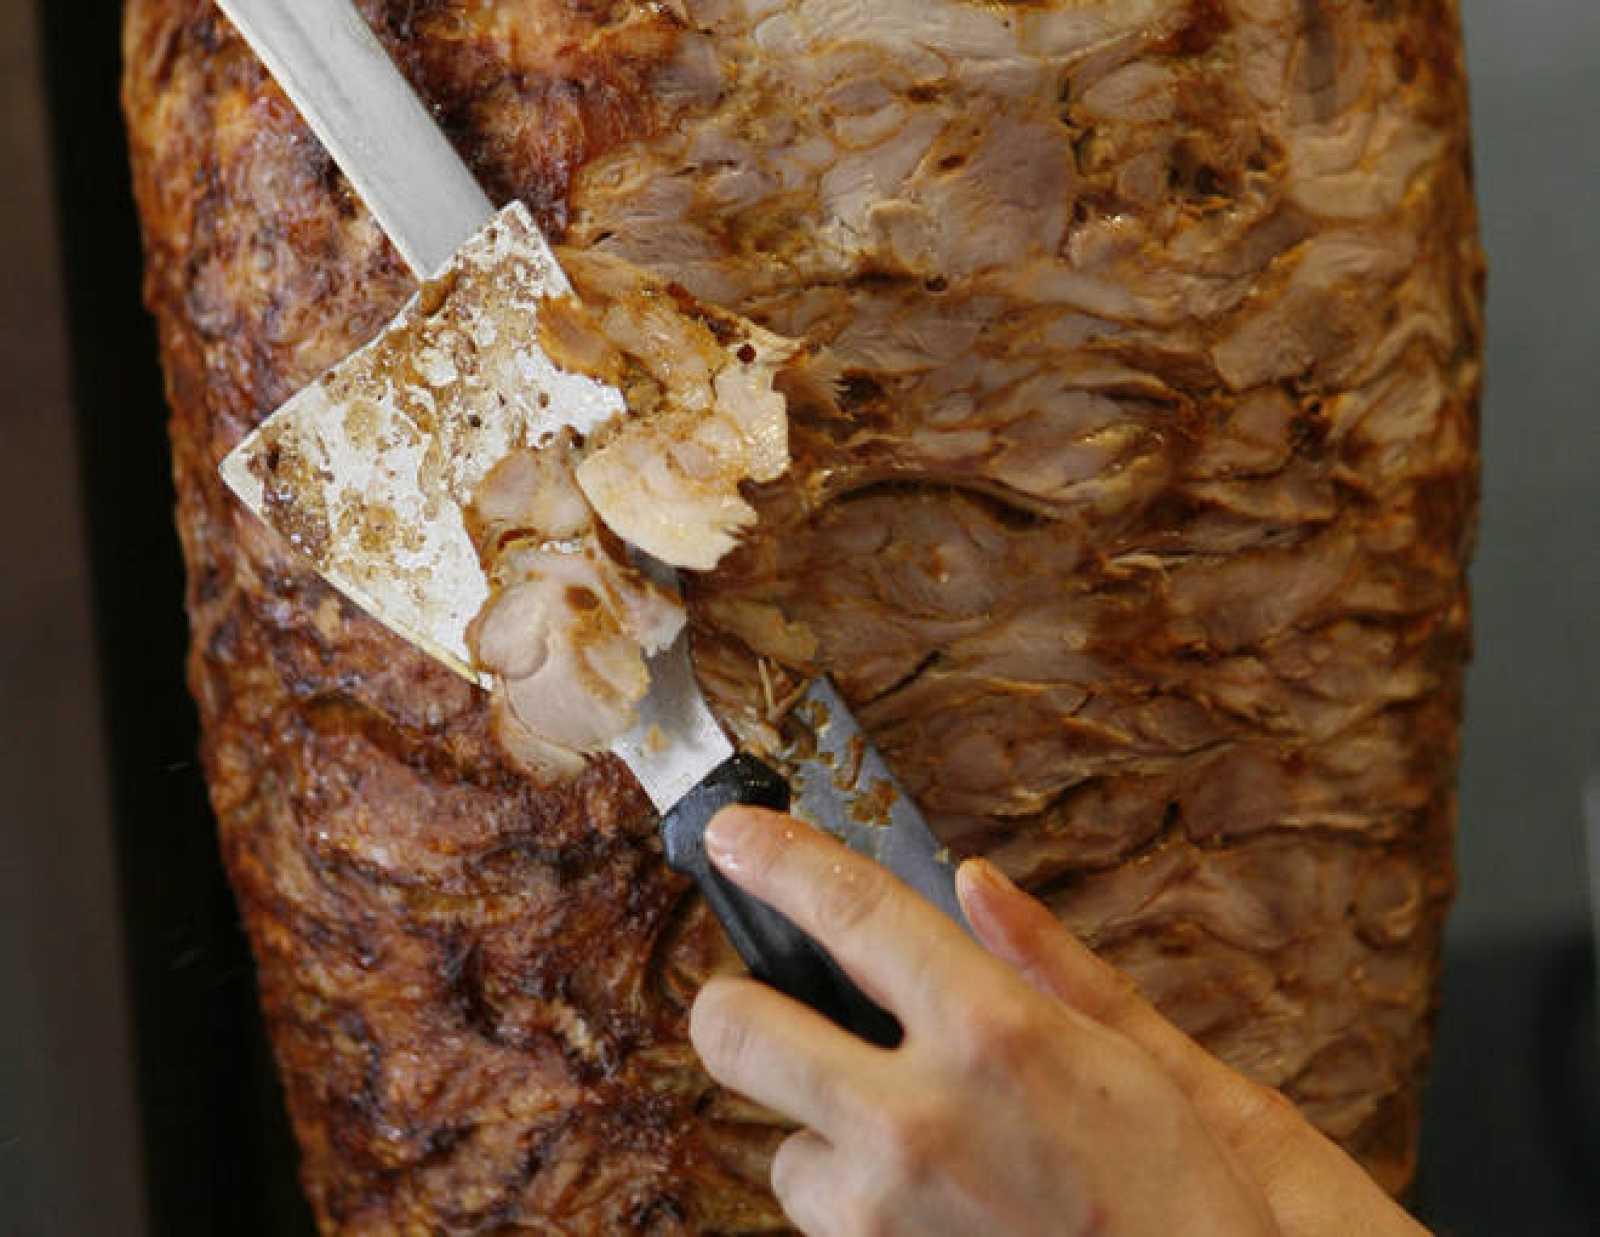 Un trabajador corta una tira de kebab en un restaurante de Dortmund, Alemania.